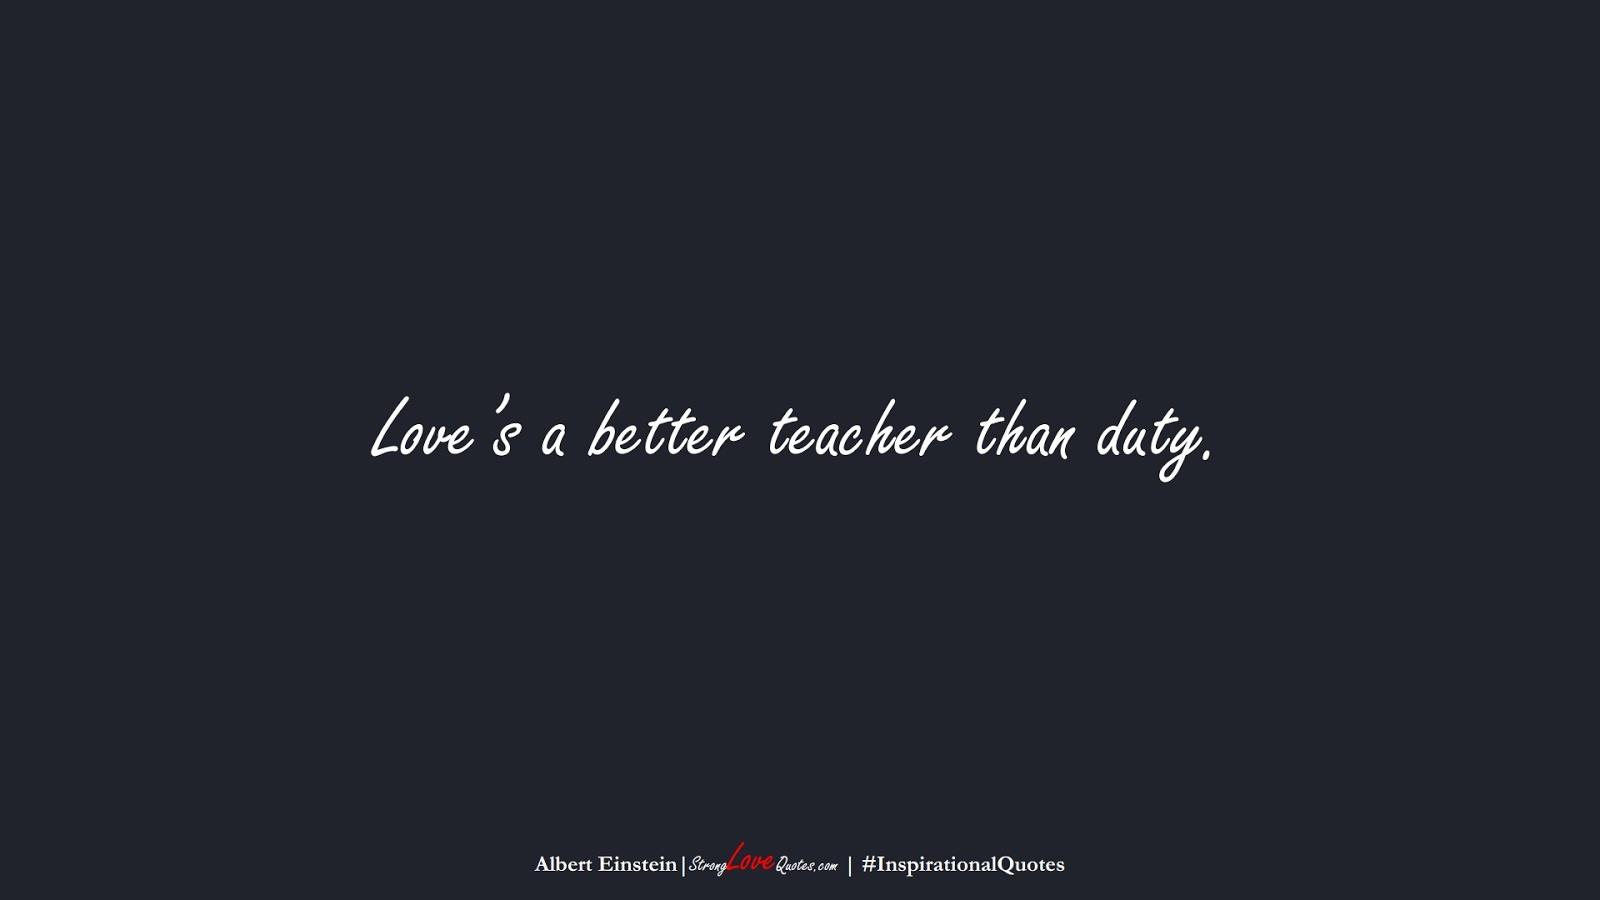 Love's a better teacher than duty. (Albert Einstein);  #InspirationalQuotes